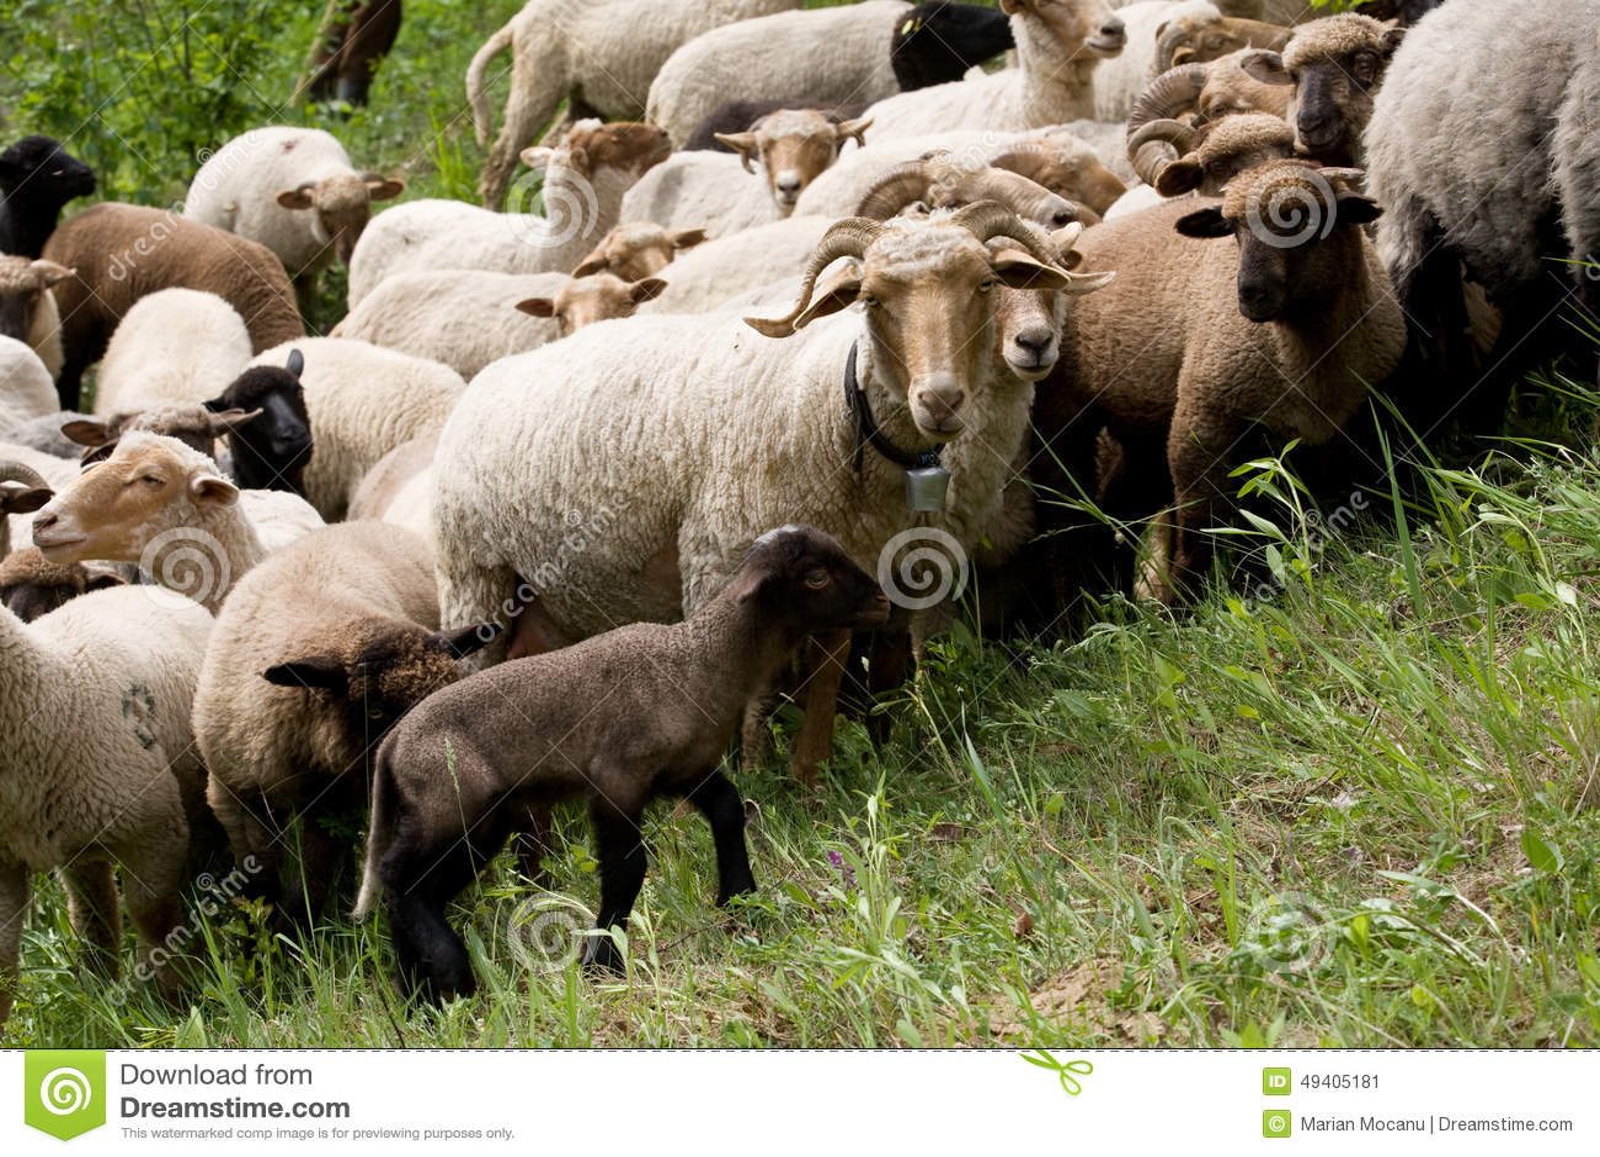 Download Schafe hörten stockbild. Bild von bauernhof, gruppe, grün - 49405181